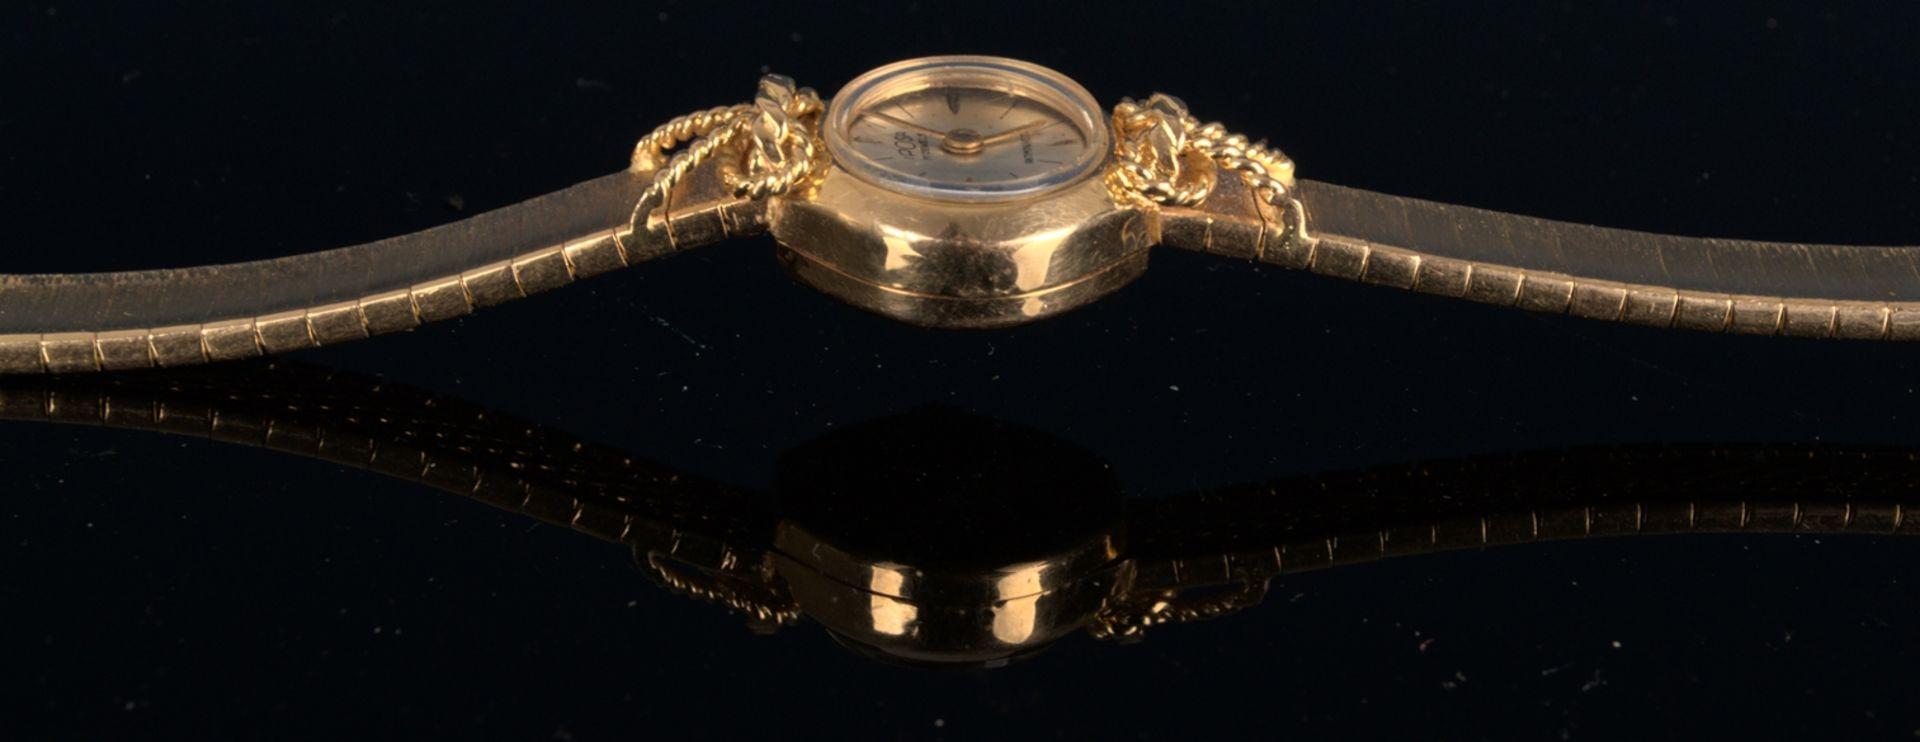 """Schmuckvolle, filigrane """"IPOSA"""" - Damenarmbanduhr, ungeprüftes mechanisches Uhrwerk mit 17 - Bild 3 aus 6"""